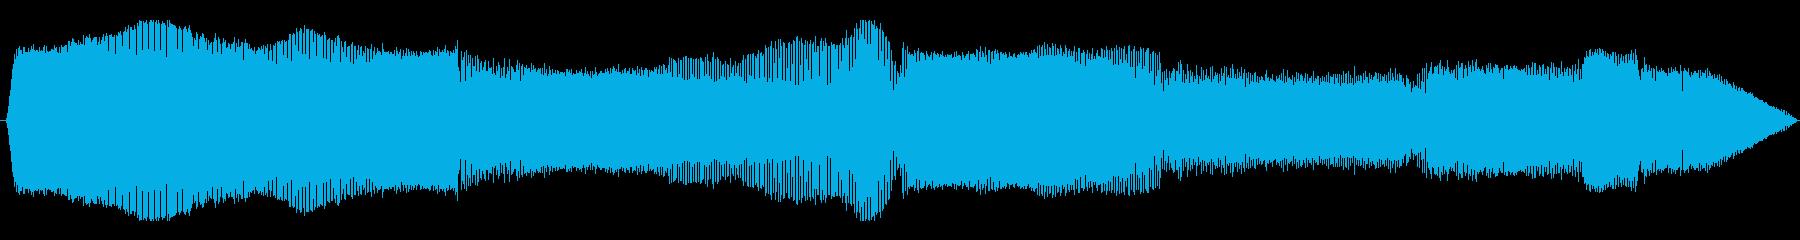 オートバイ ドゥカティクルーザー減速01の再生済みの波形